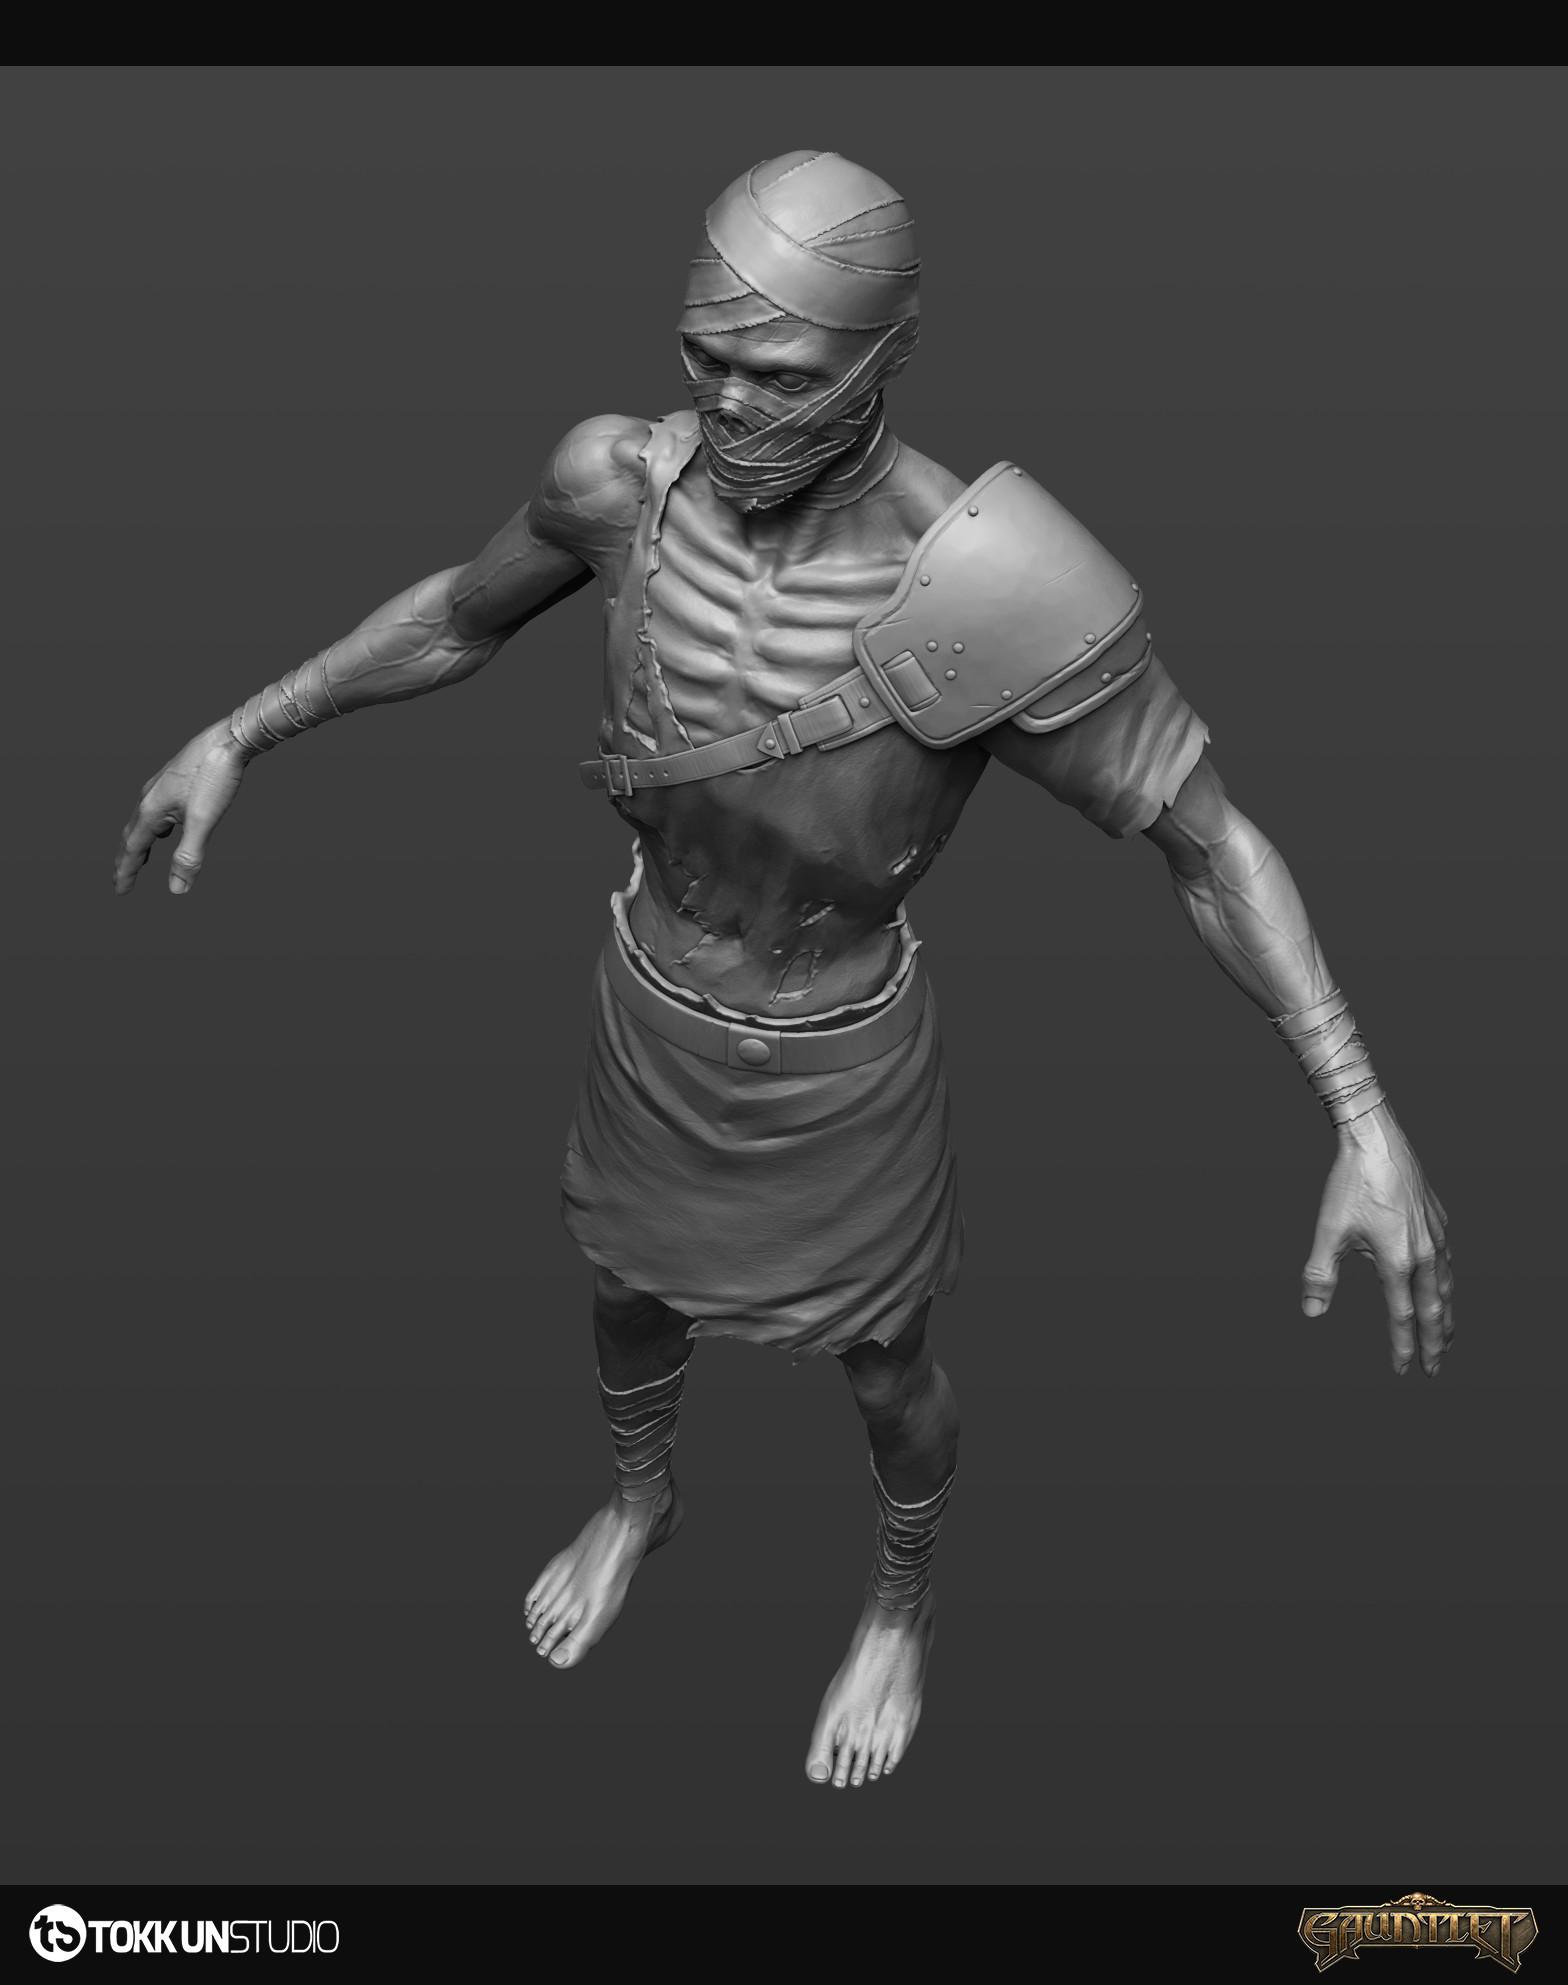 Tokkun studio gauntlet zombie beautyshots 005